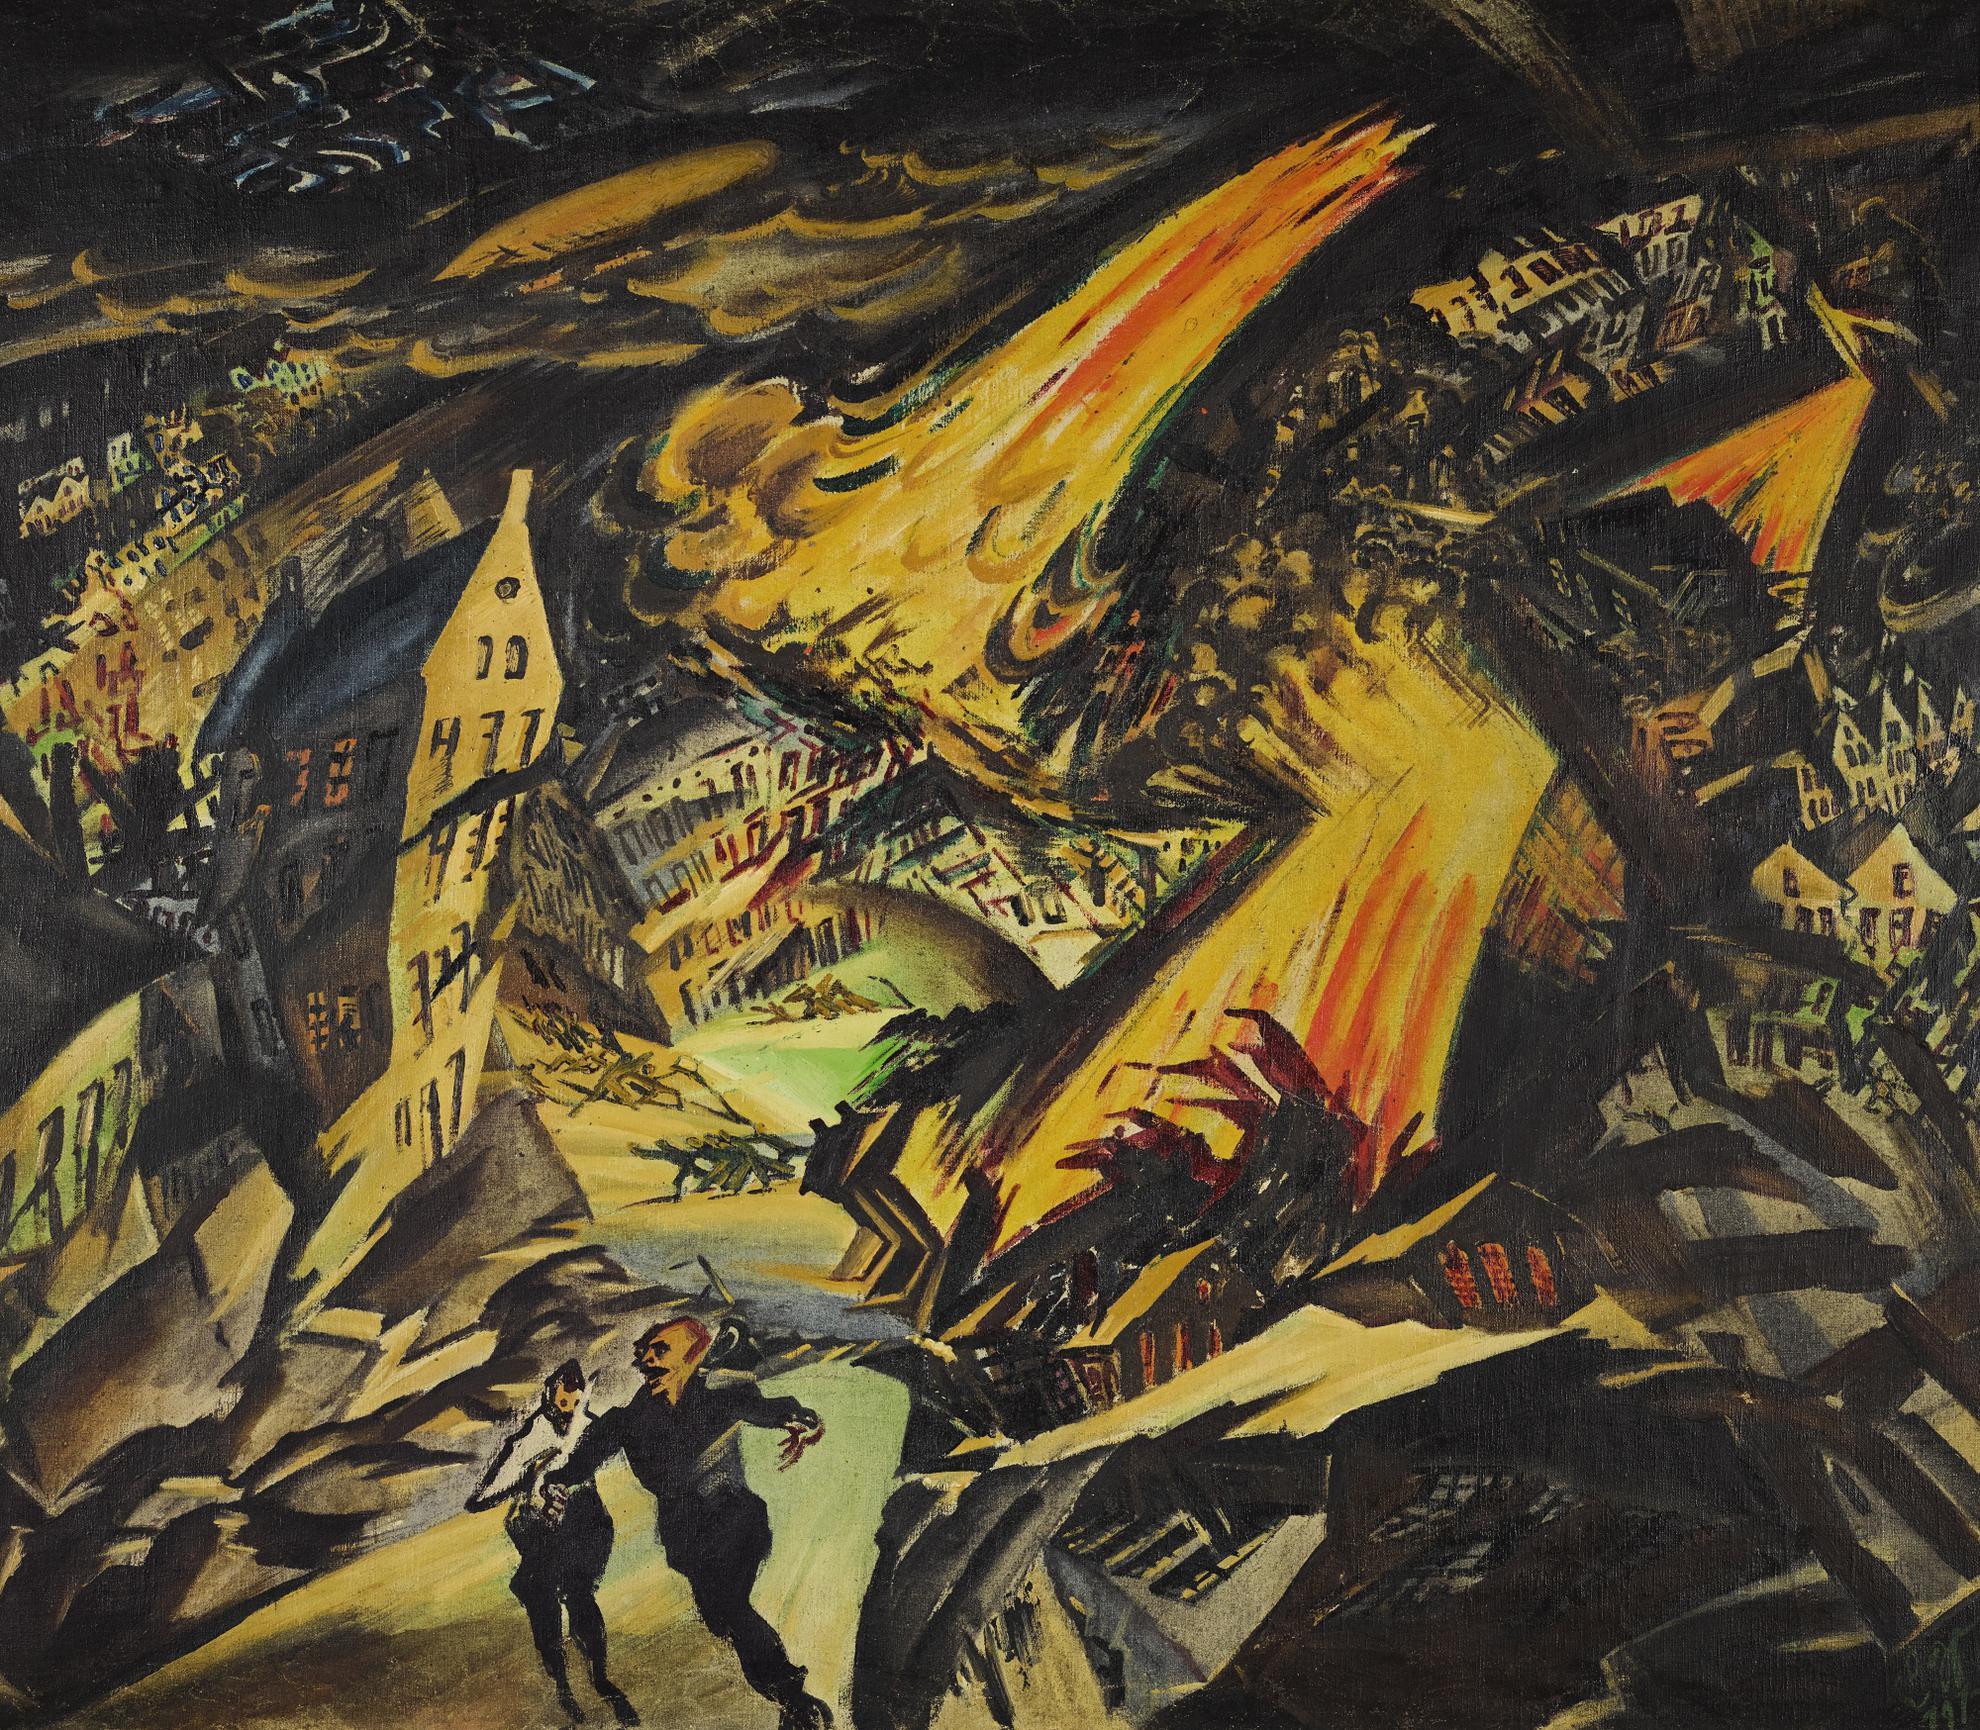 Ludwig Meidner - Apokalyptische Landschaft (Apocalyptic Landscape) Junger Mann Mit Strohhut (Young Man With Straw Hat) - Reverse-1912